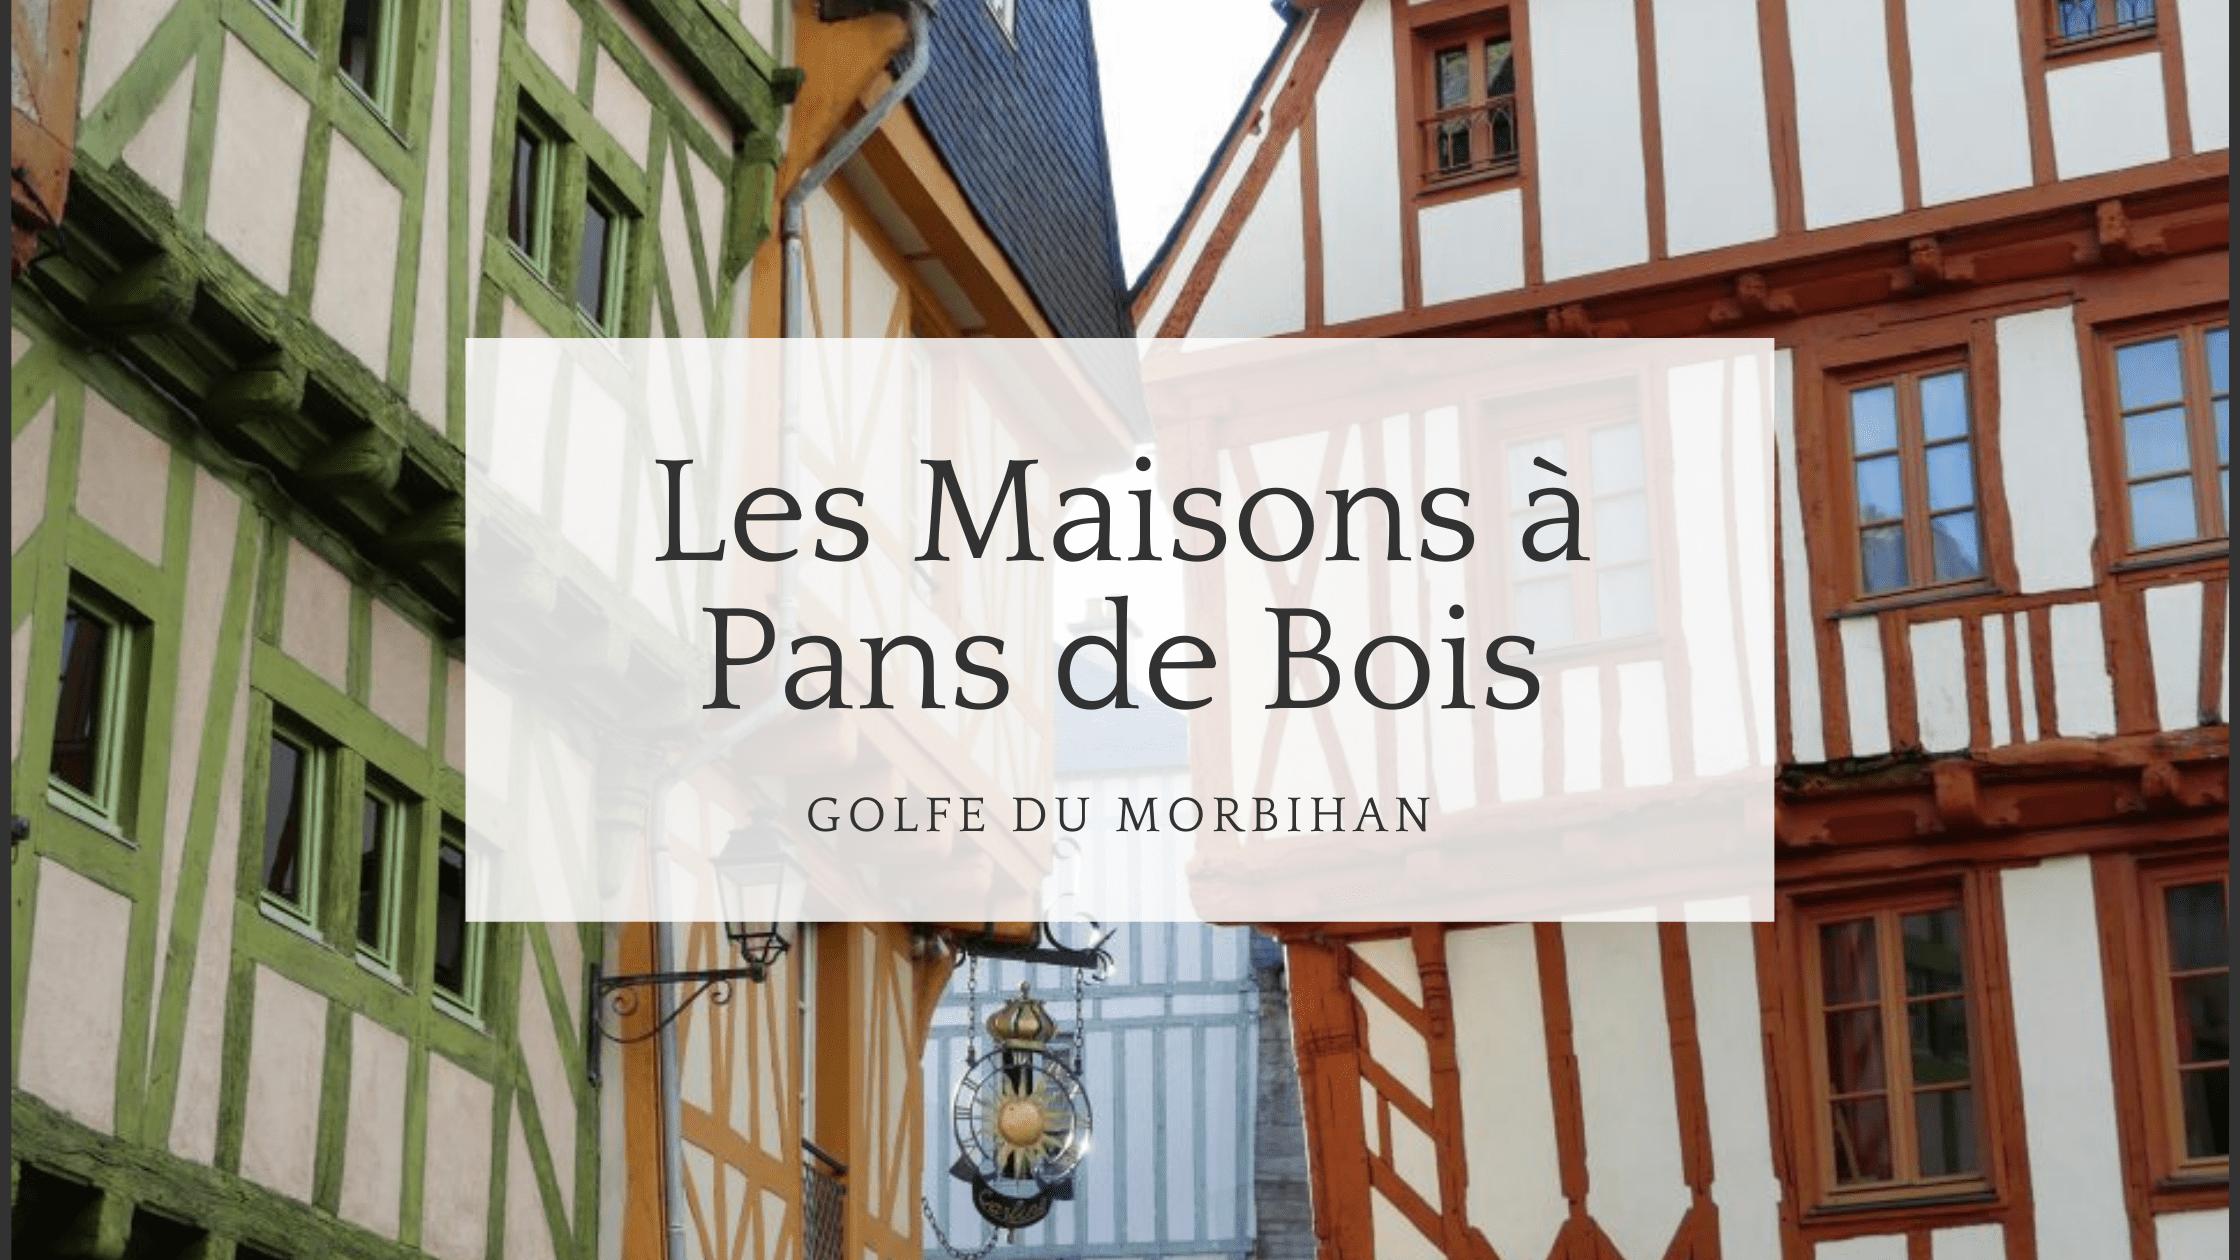 Les maisons à pans de bois du Golfe du Morbihan